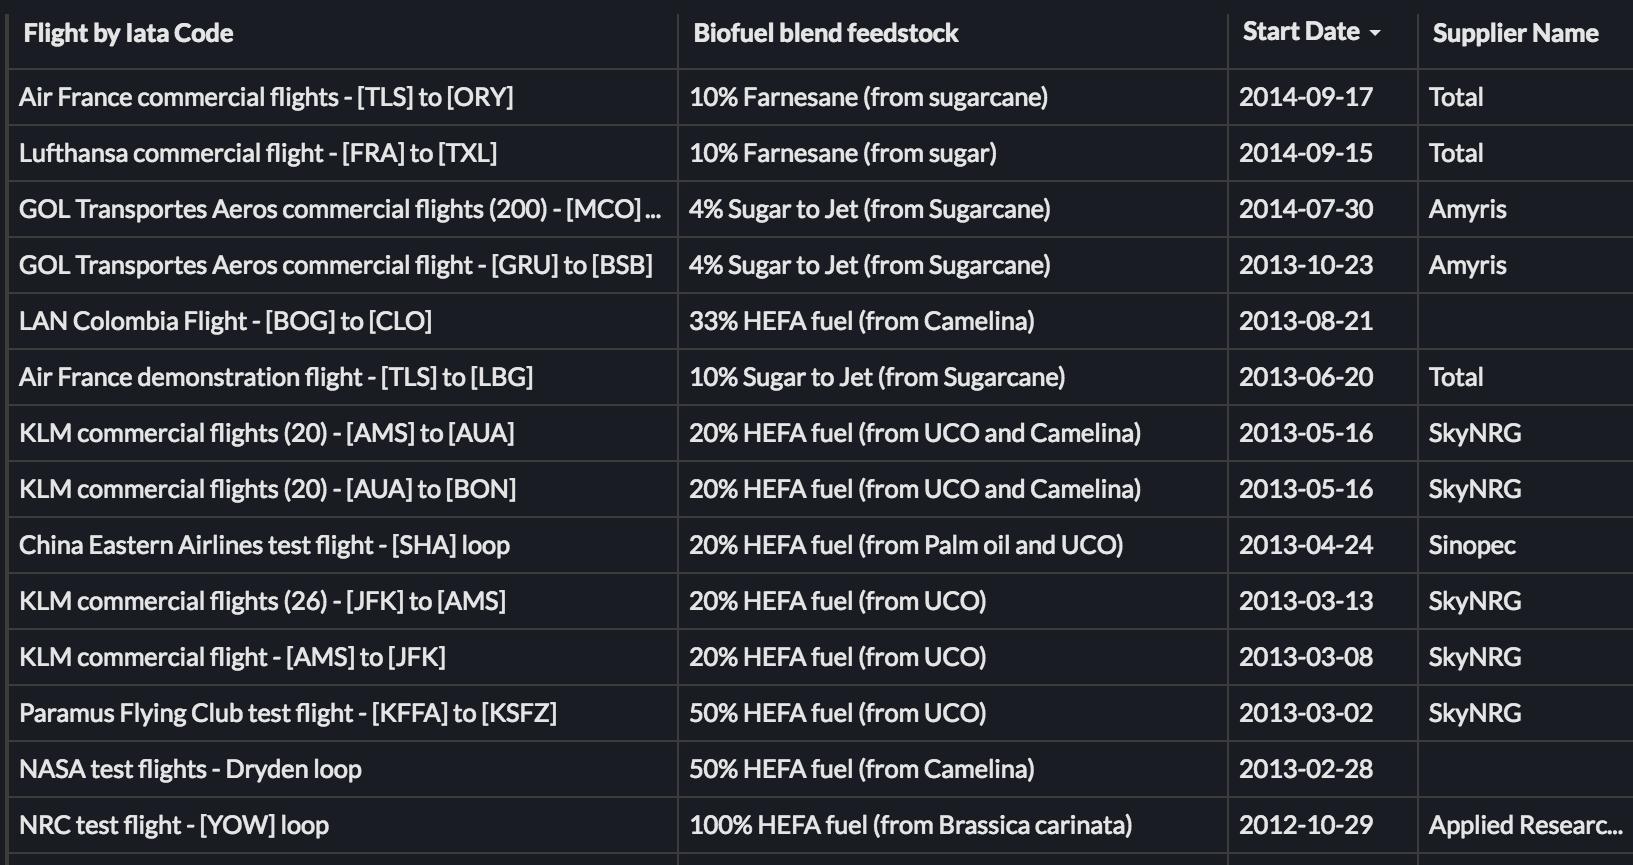 More recent biofuel flights